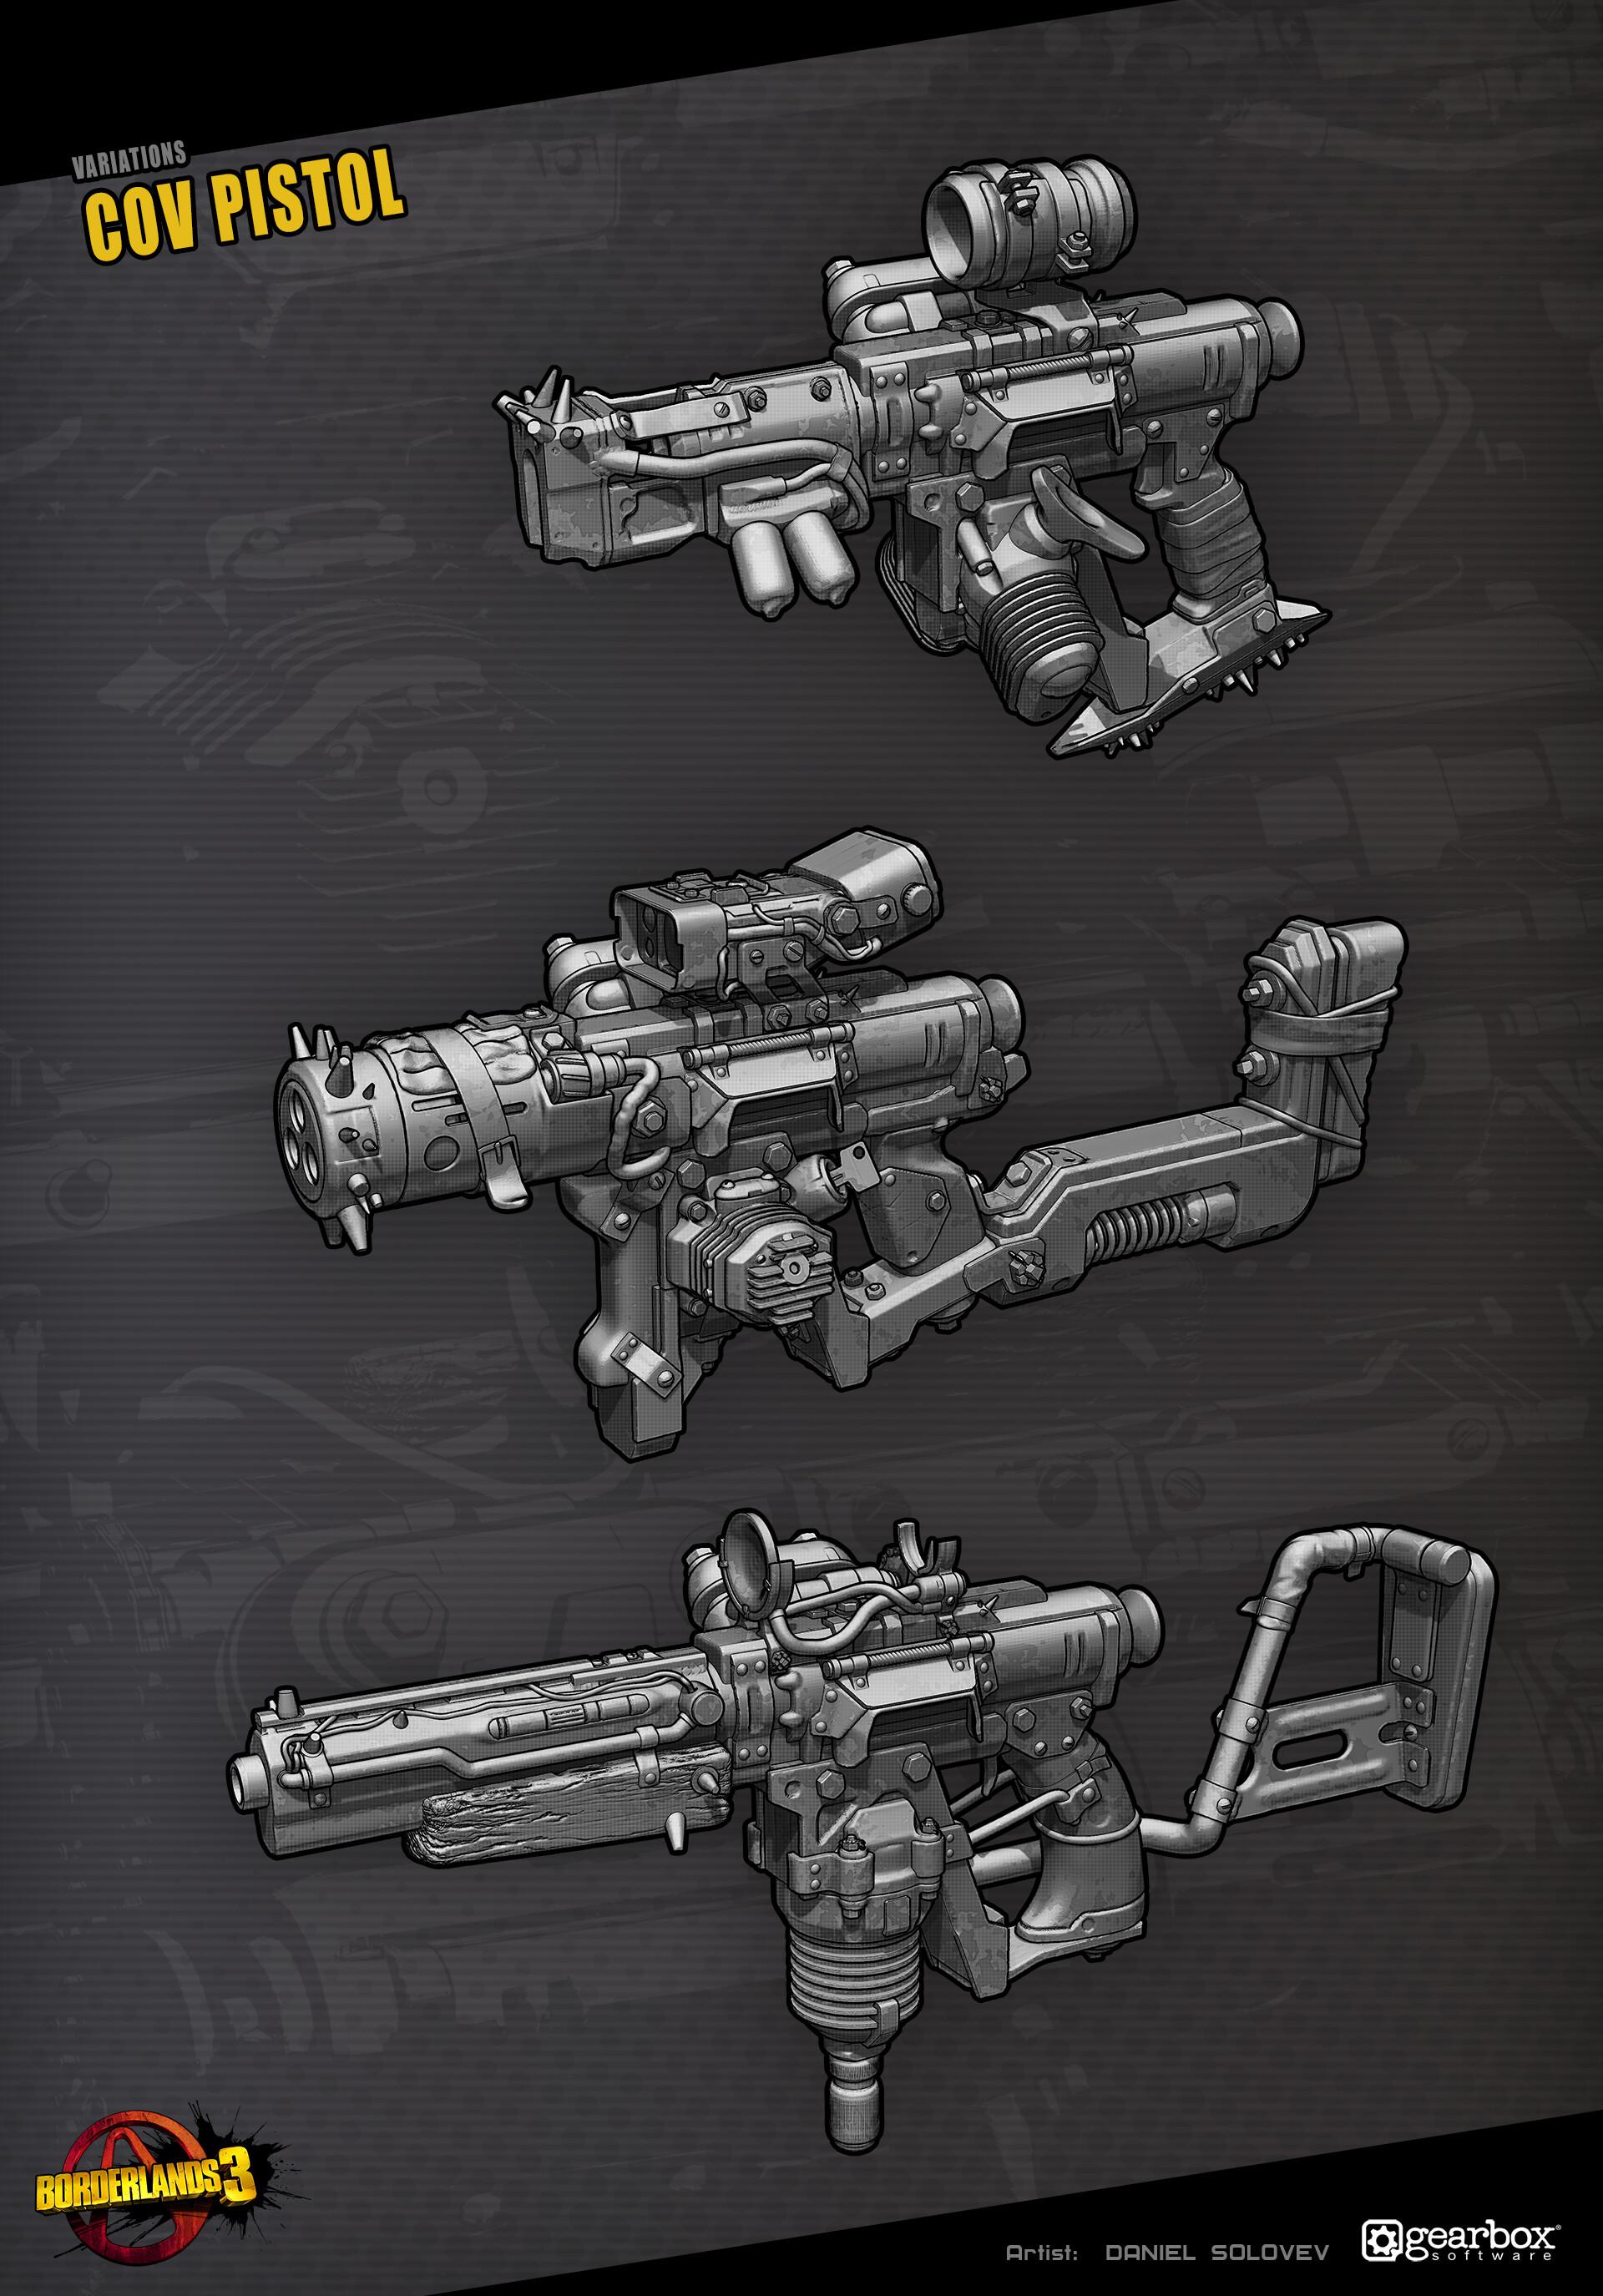 Daniel solovev cov pistol artblast 1